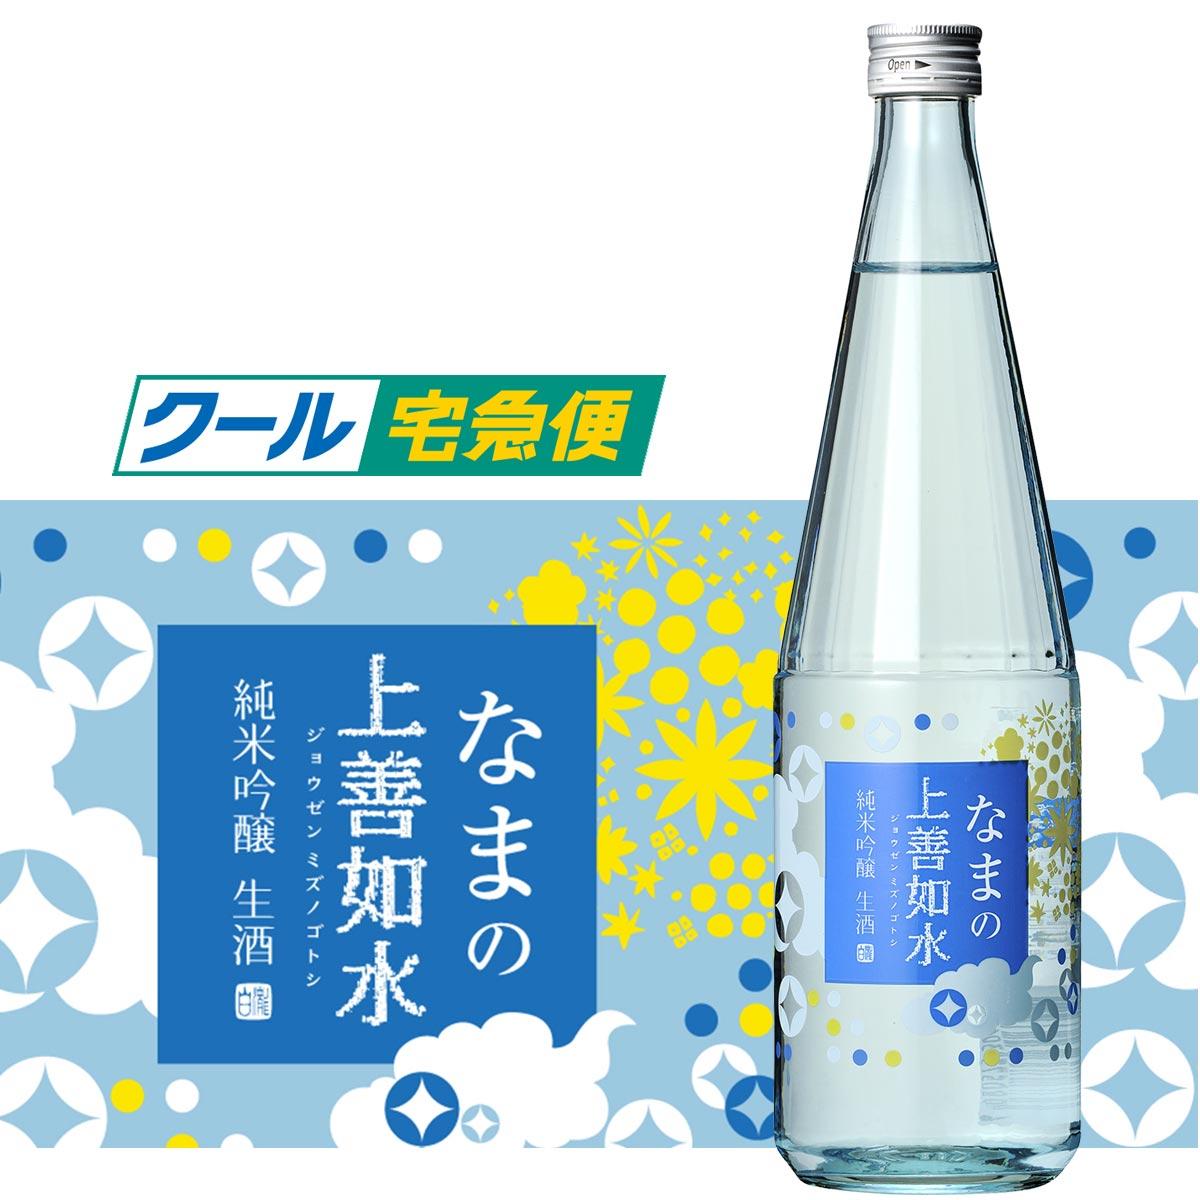 白瀧酒造 なまの上善如水 純米吟醸 720ml 日本酒 新潟